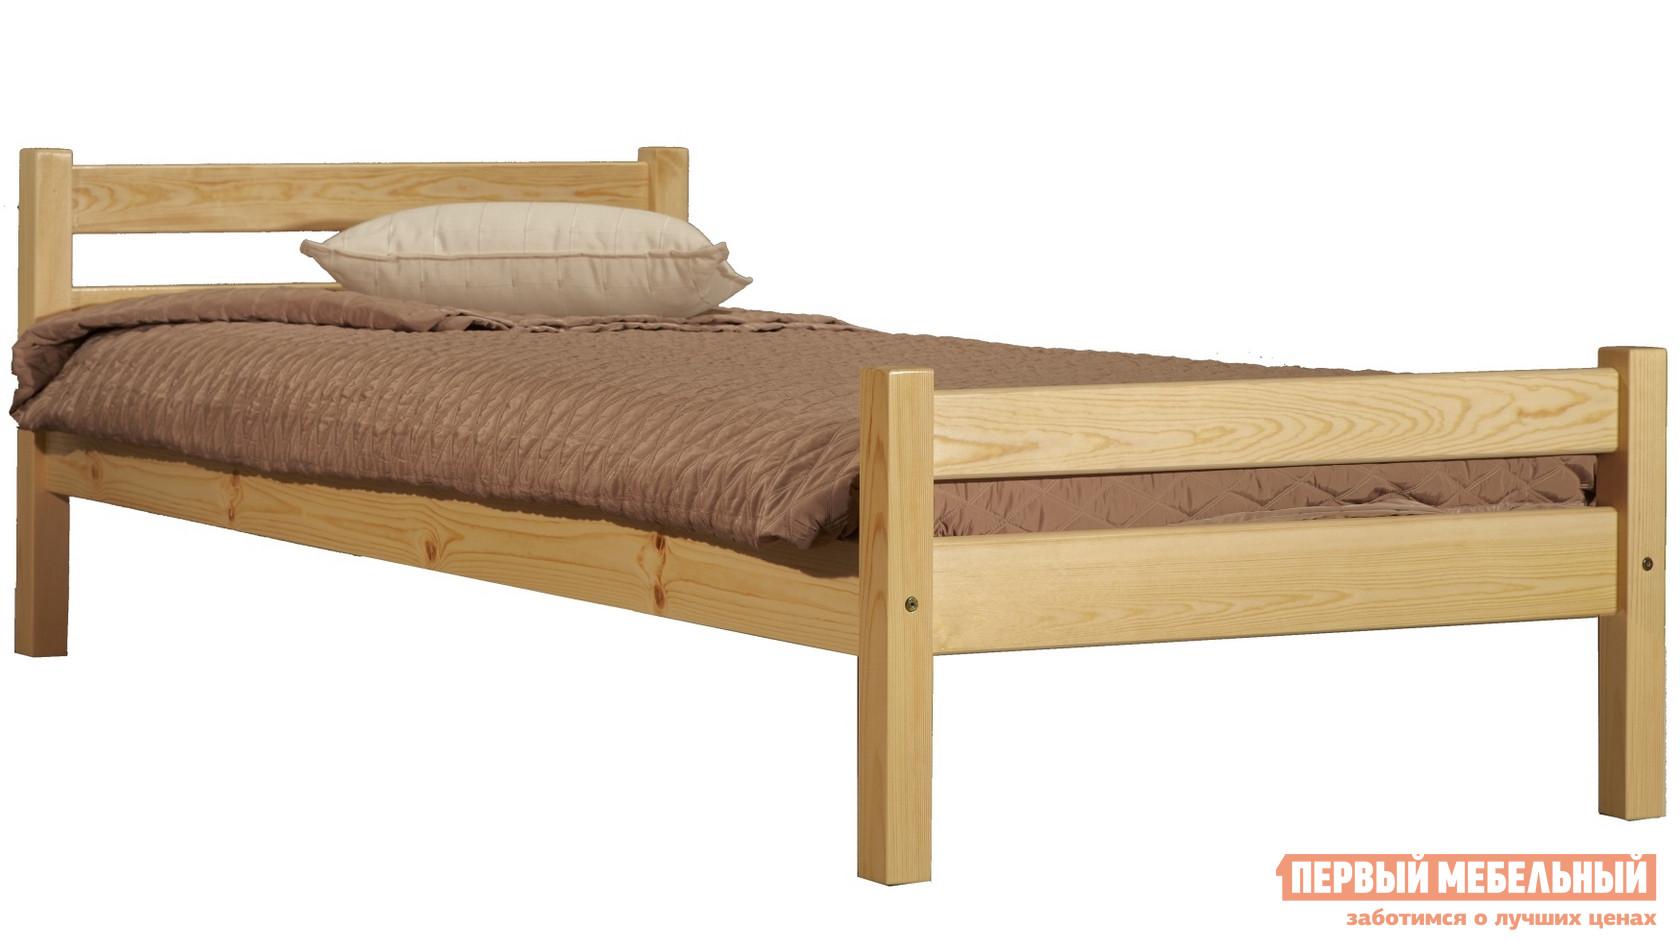 Кровать-полуторка Timberica Классик детская кровать timberica кровать классик детская спинка дуга